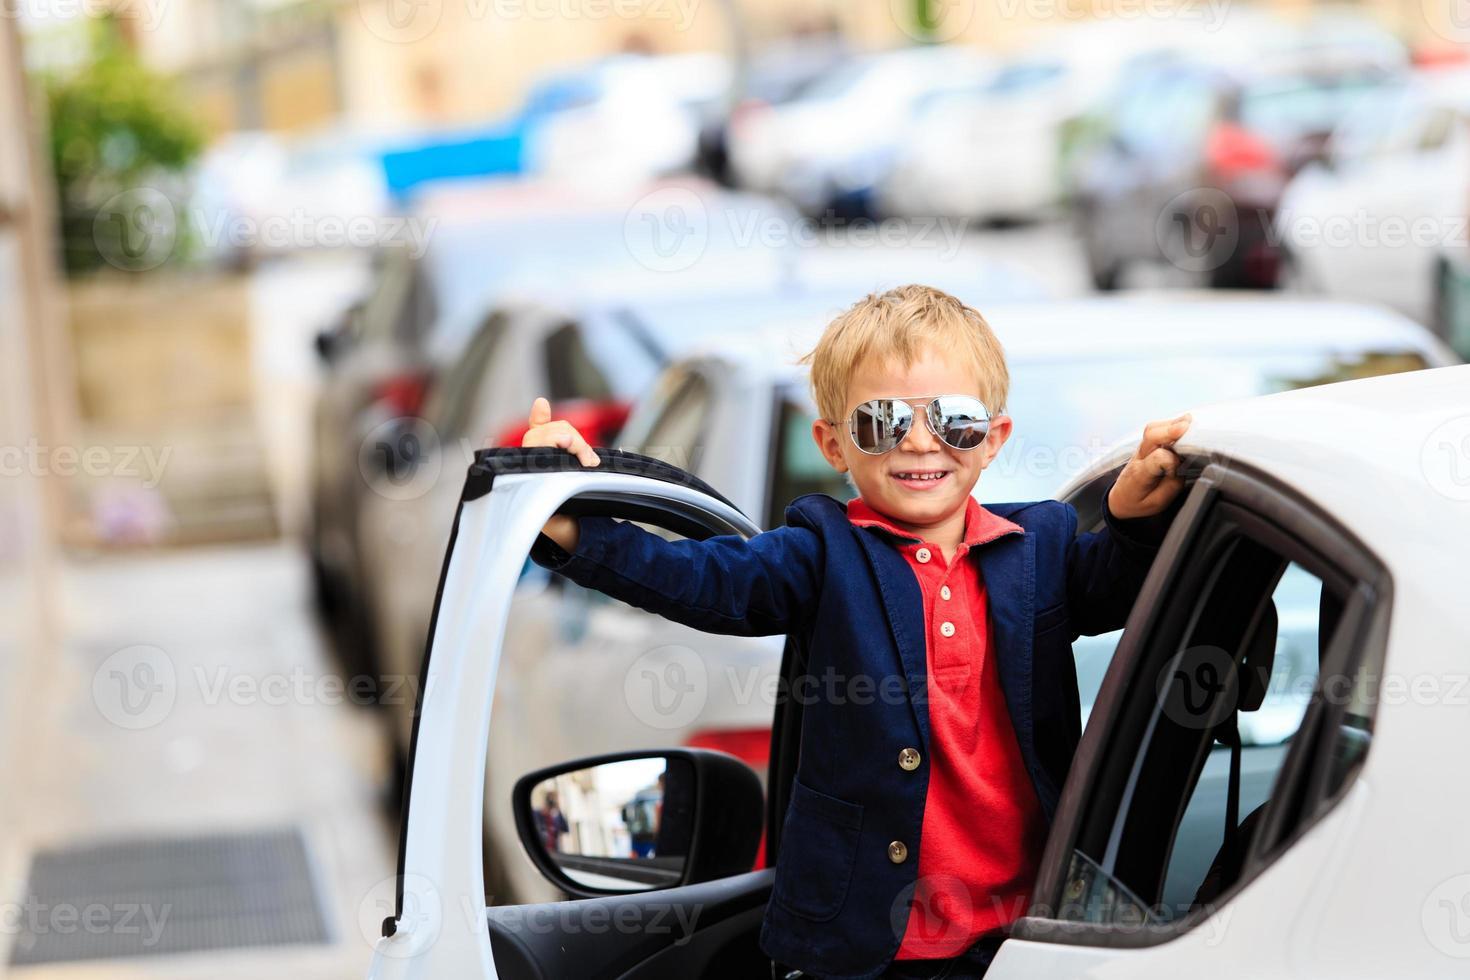 kleiner Junge fährt mit dem Auto in die Stadt foto